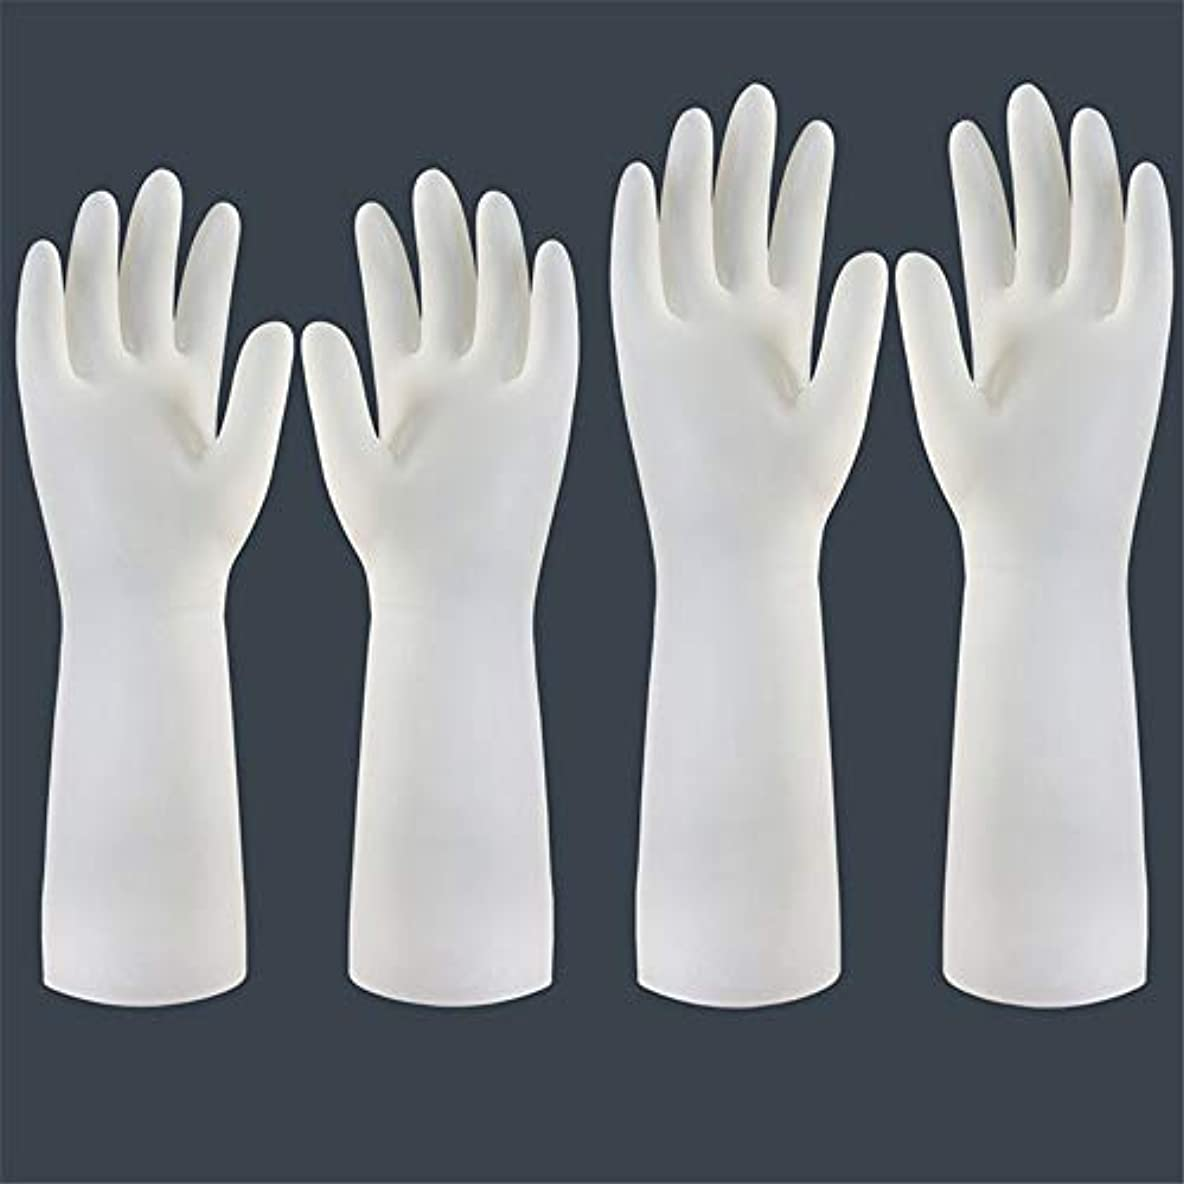 トロピカルメトリック不機嫌ニトリルゴム手袋 使い捨て手袋の防水および耐久のゴム製台所手袋、小/中/大 使い捨て手袋 (Color : Short+long, Size : M)